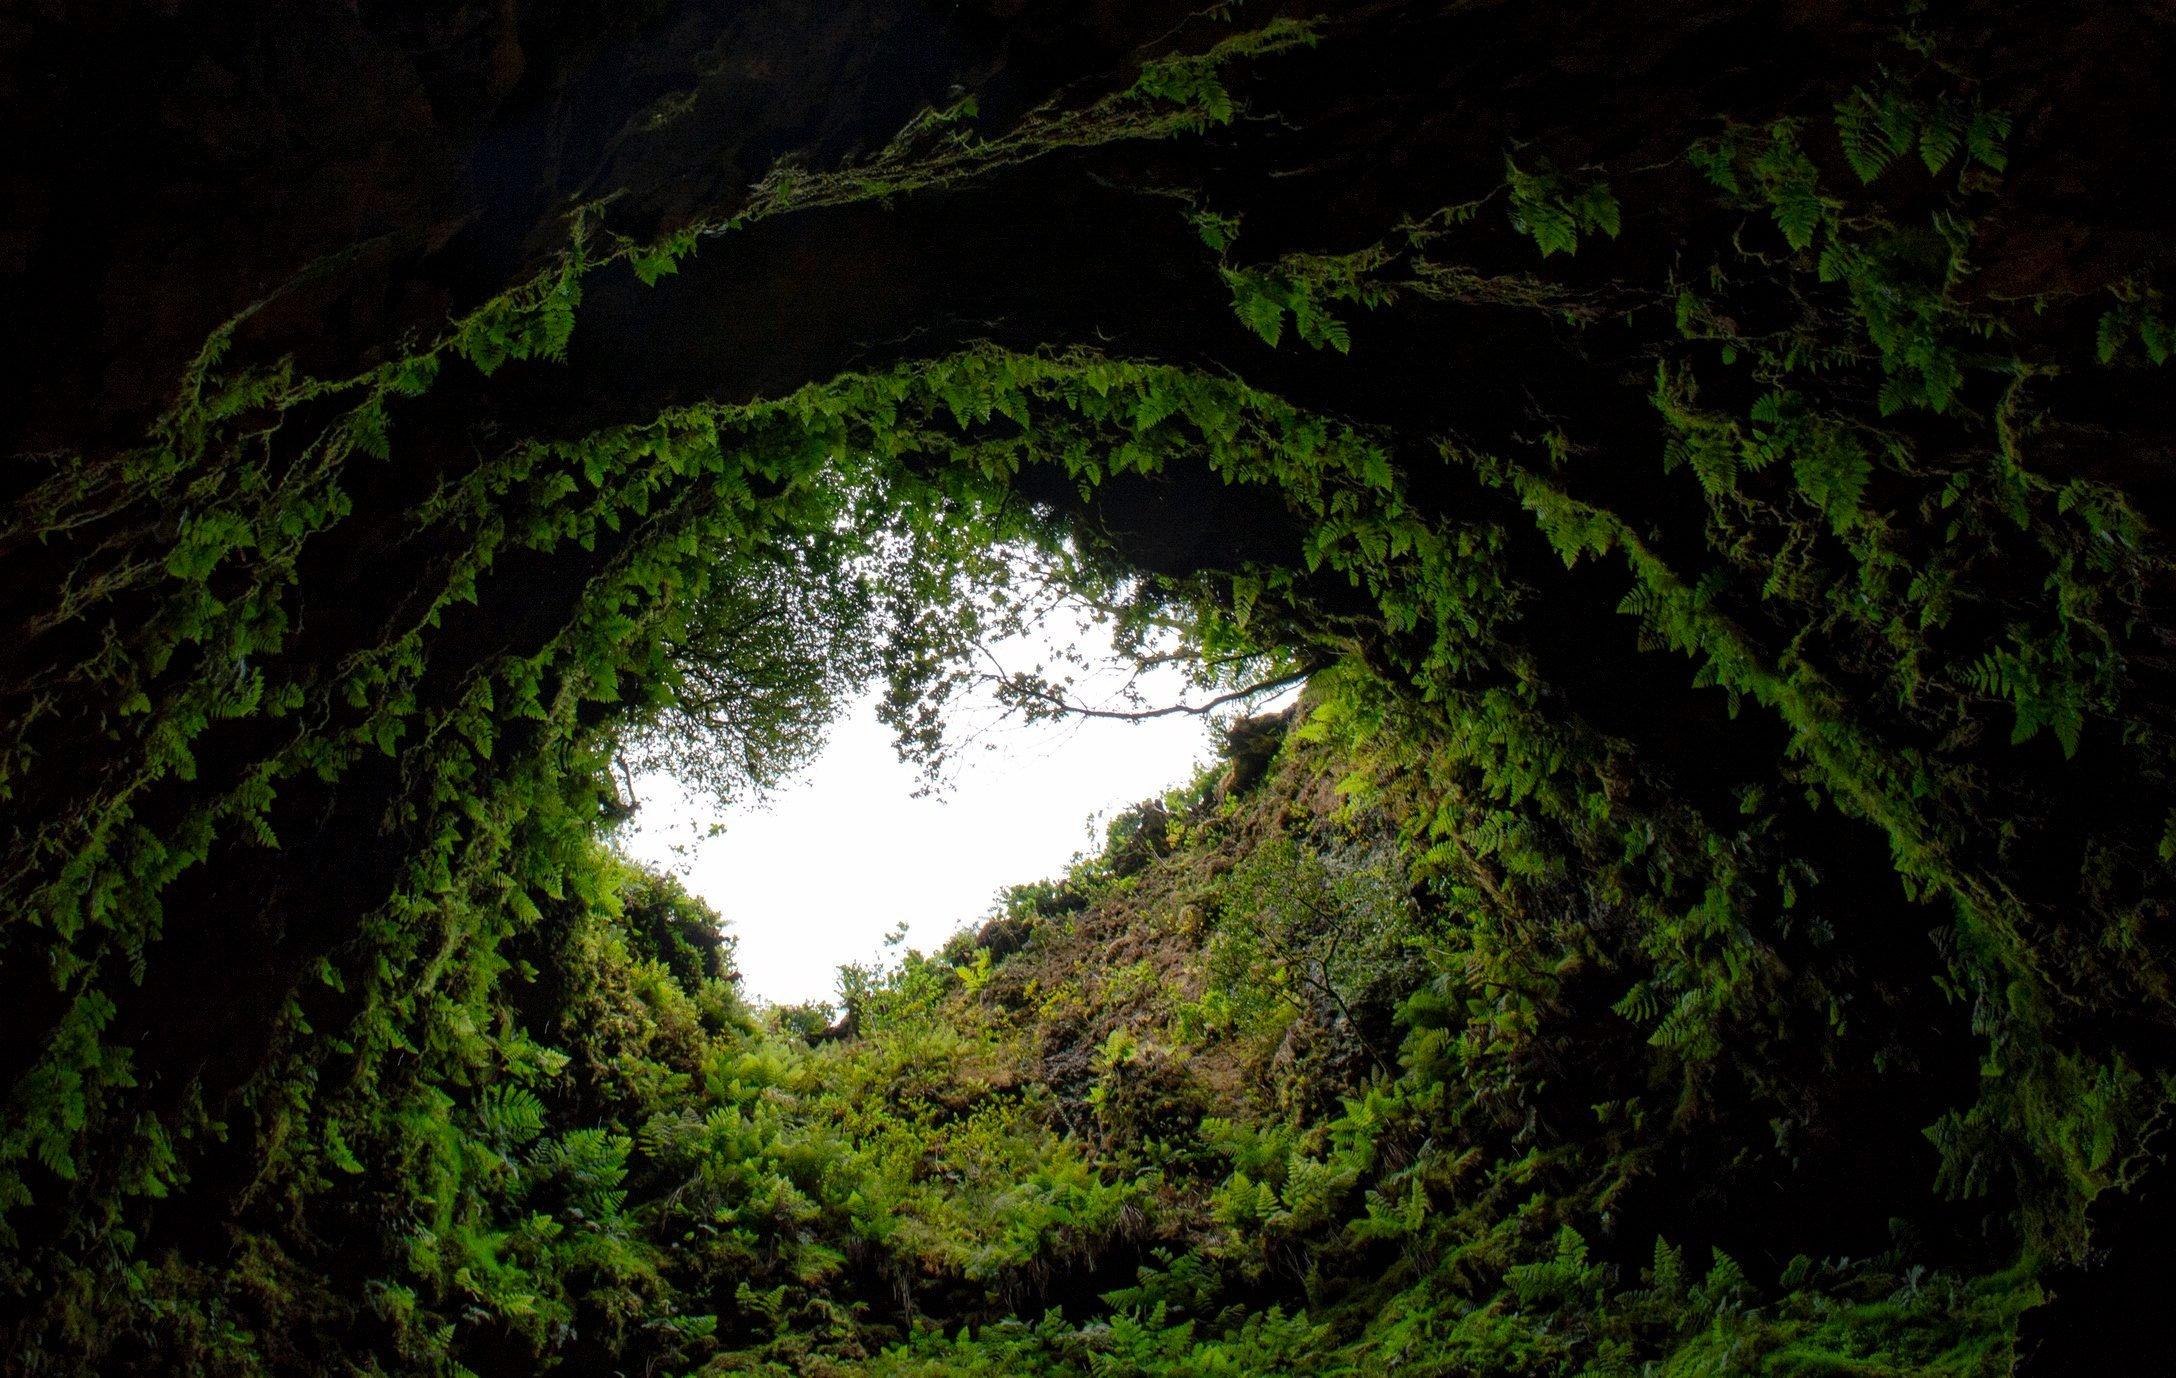 Entrance to the Algar do Carvão cave in Terceira, Azores islands, Portugal